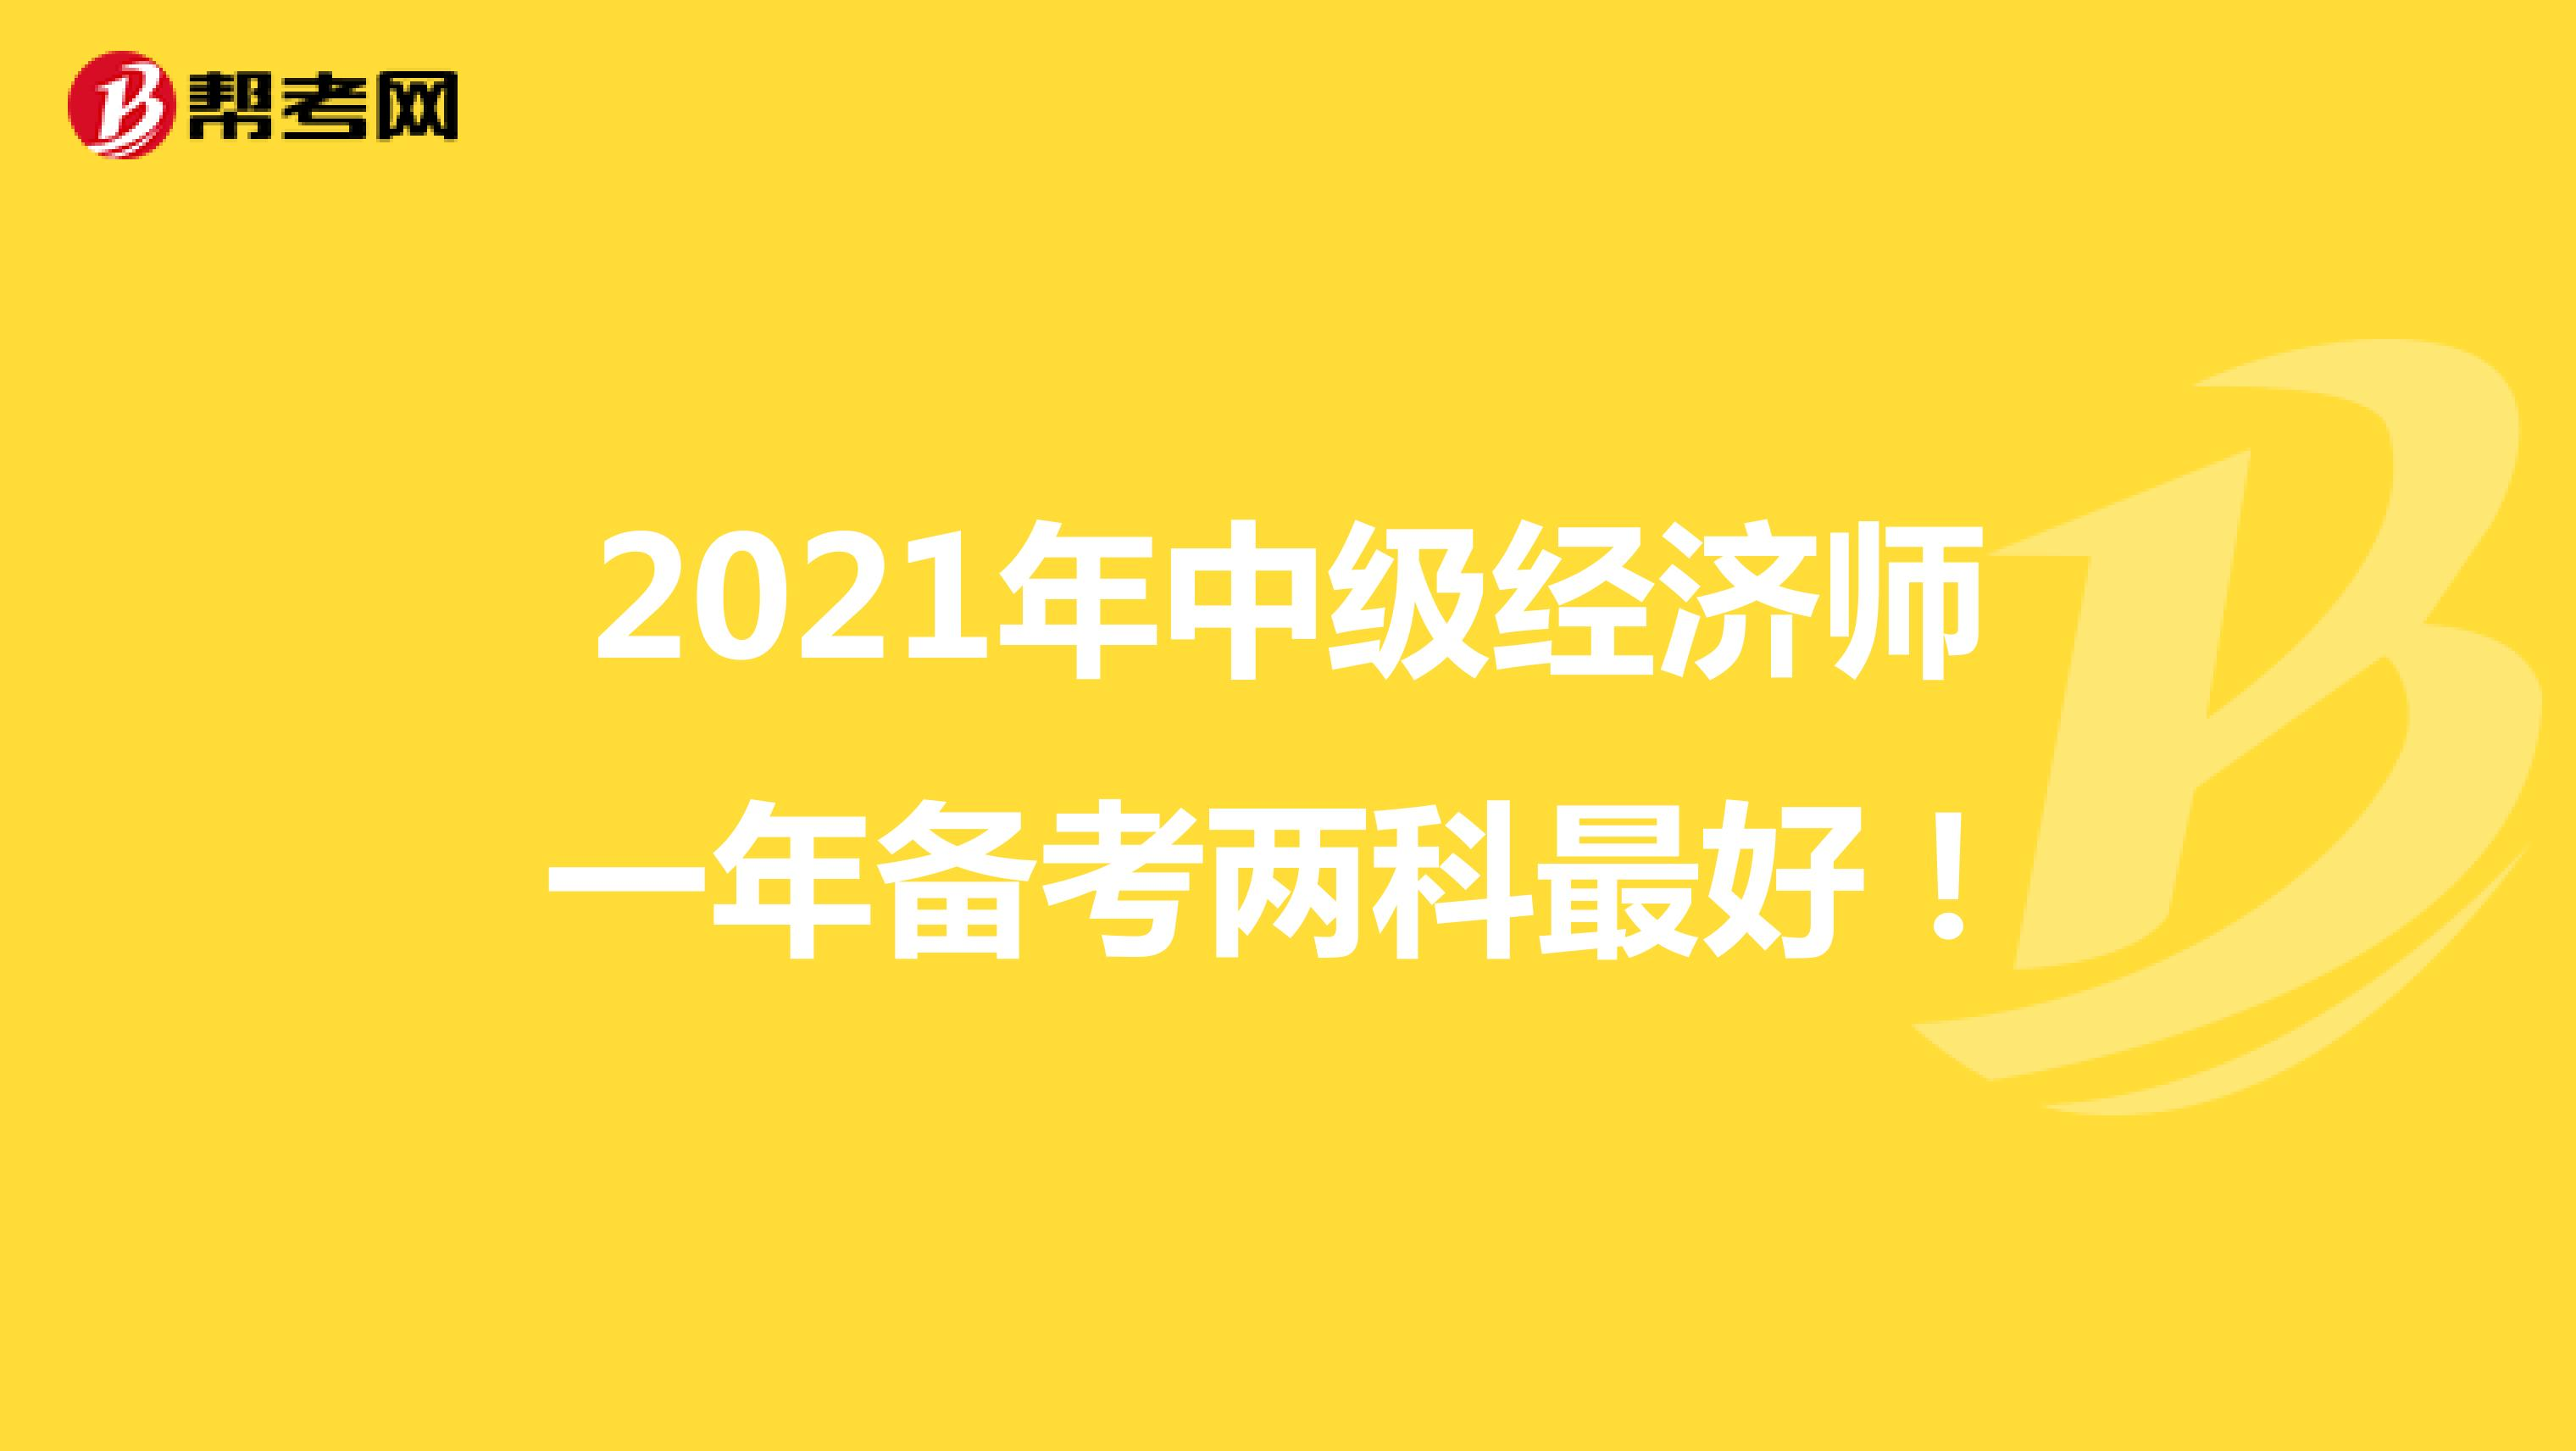 2021年中级经济师一年备考两科最好!